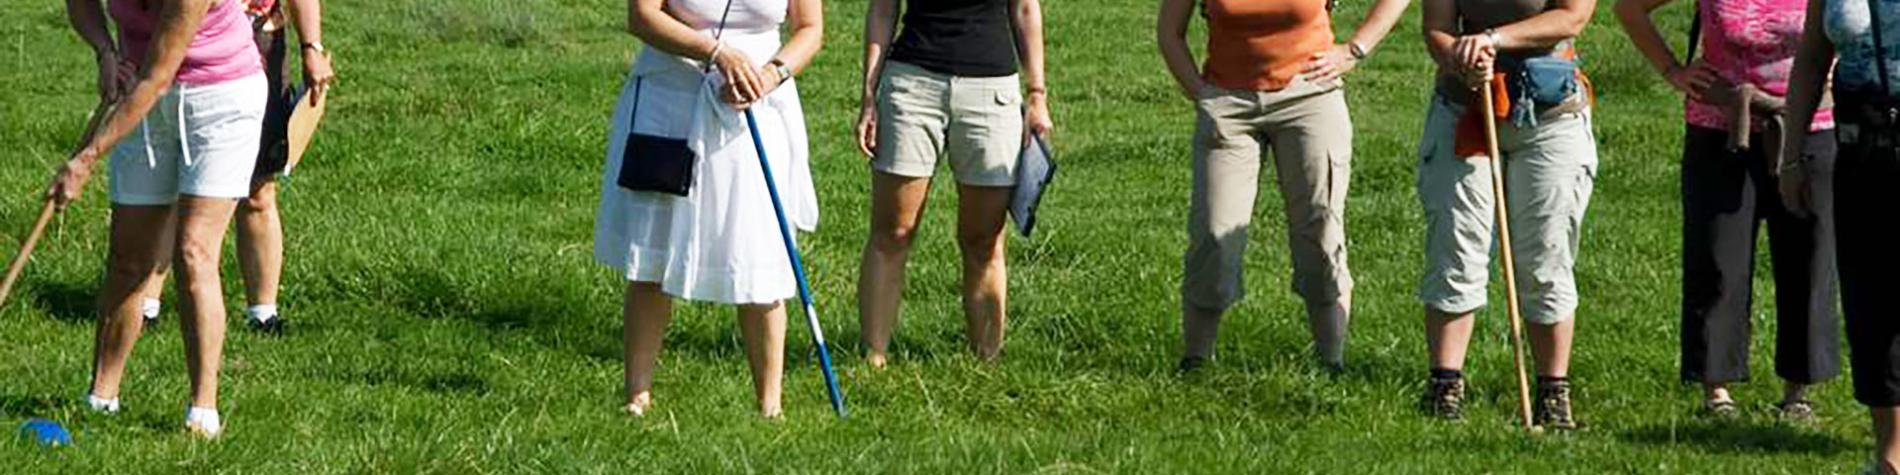 Le golf fermier - Ferme de la Bourgade - Heure - Condroz